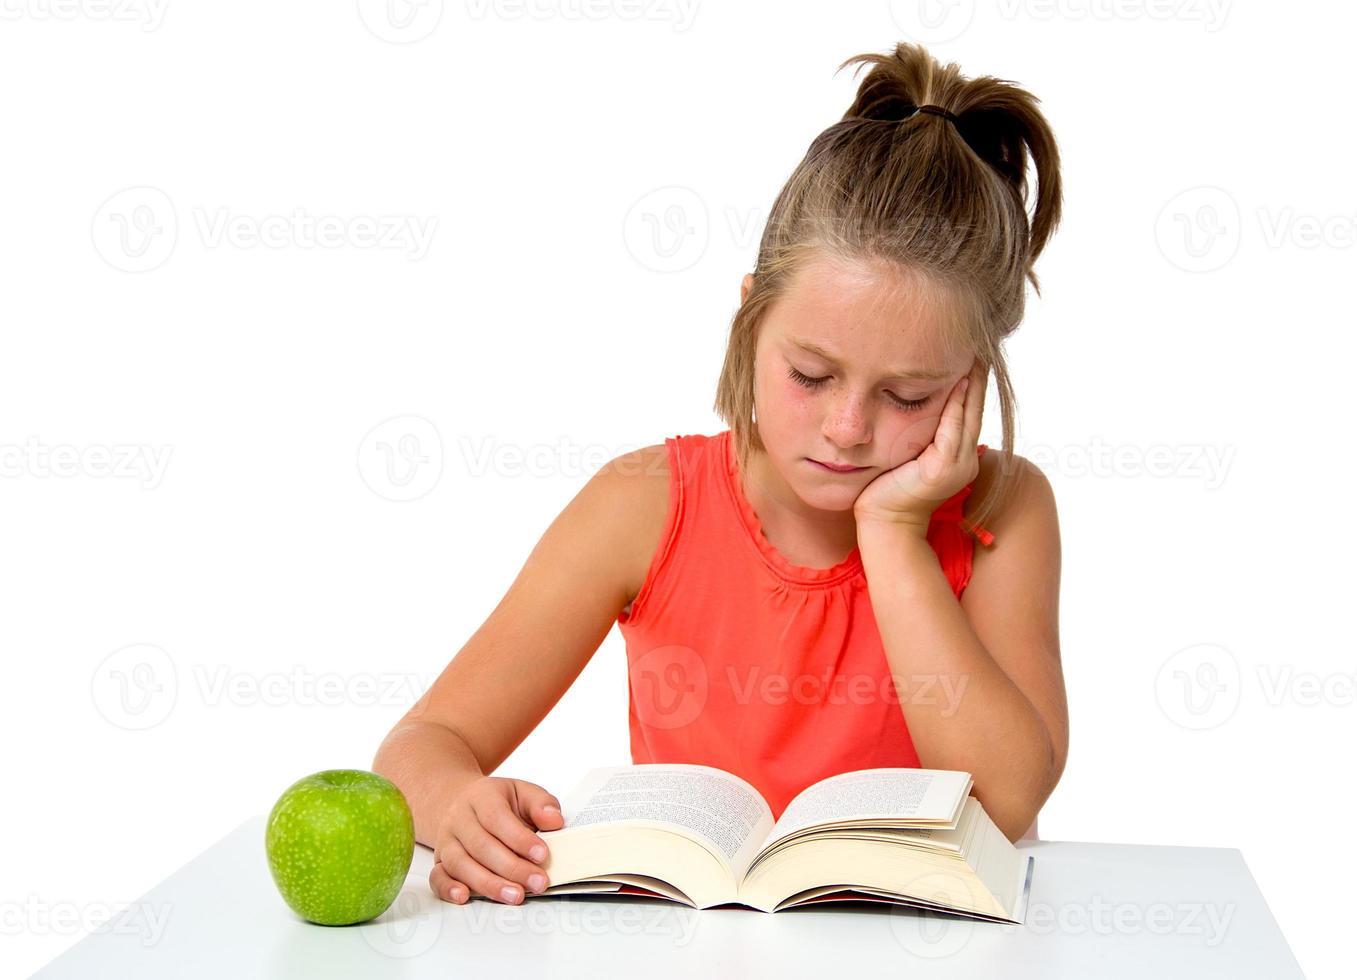 klein meisje het lezen van een boek foto